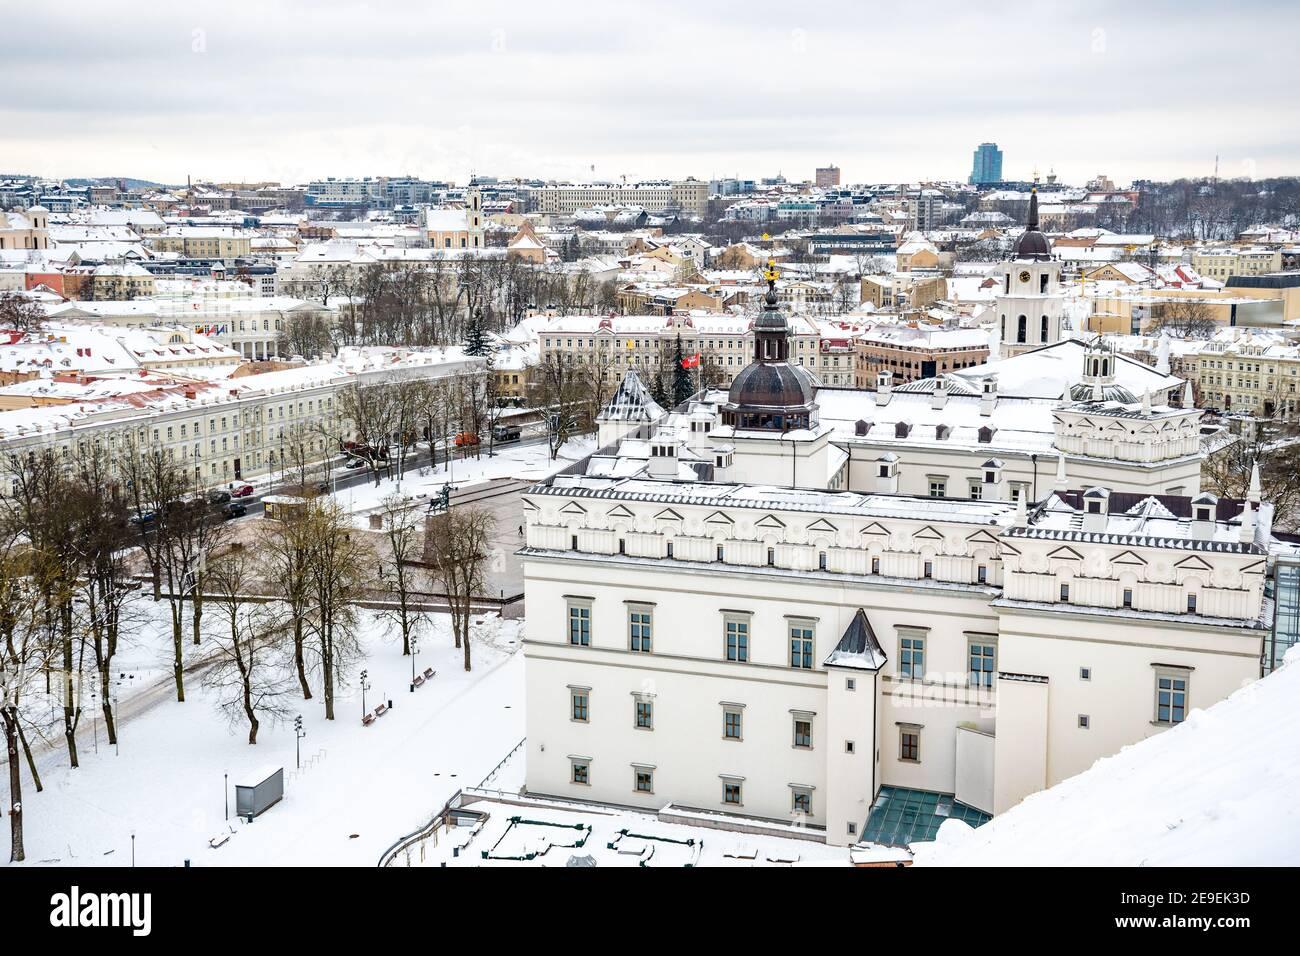 Vista aérea del casco antiguo de Vilnius, capital de Lituania en el día de invierno con nieve Foto de stock